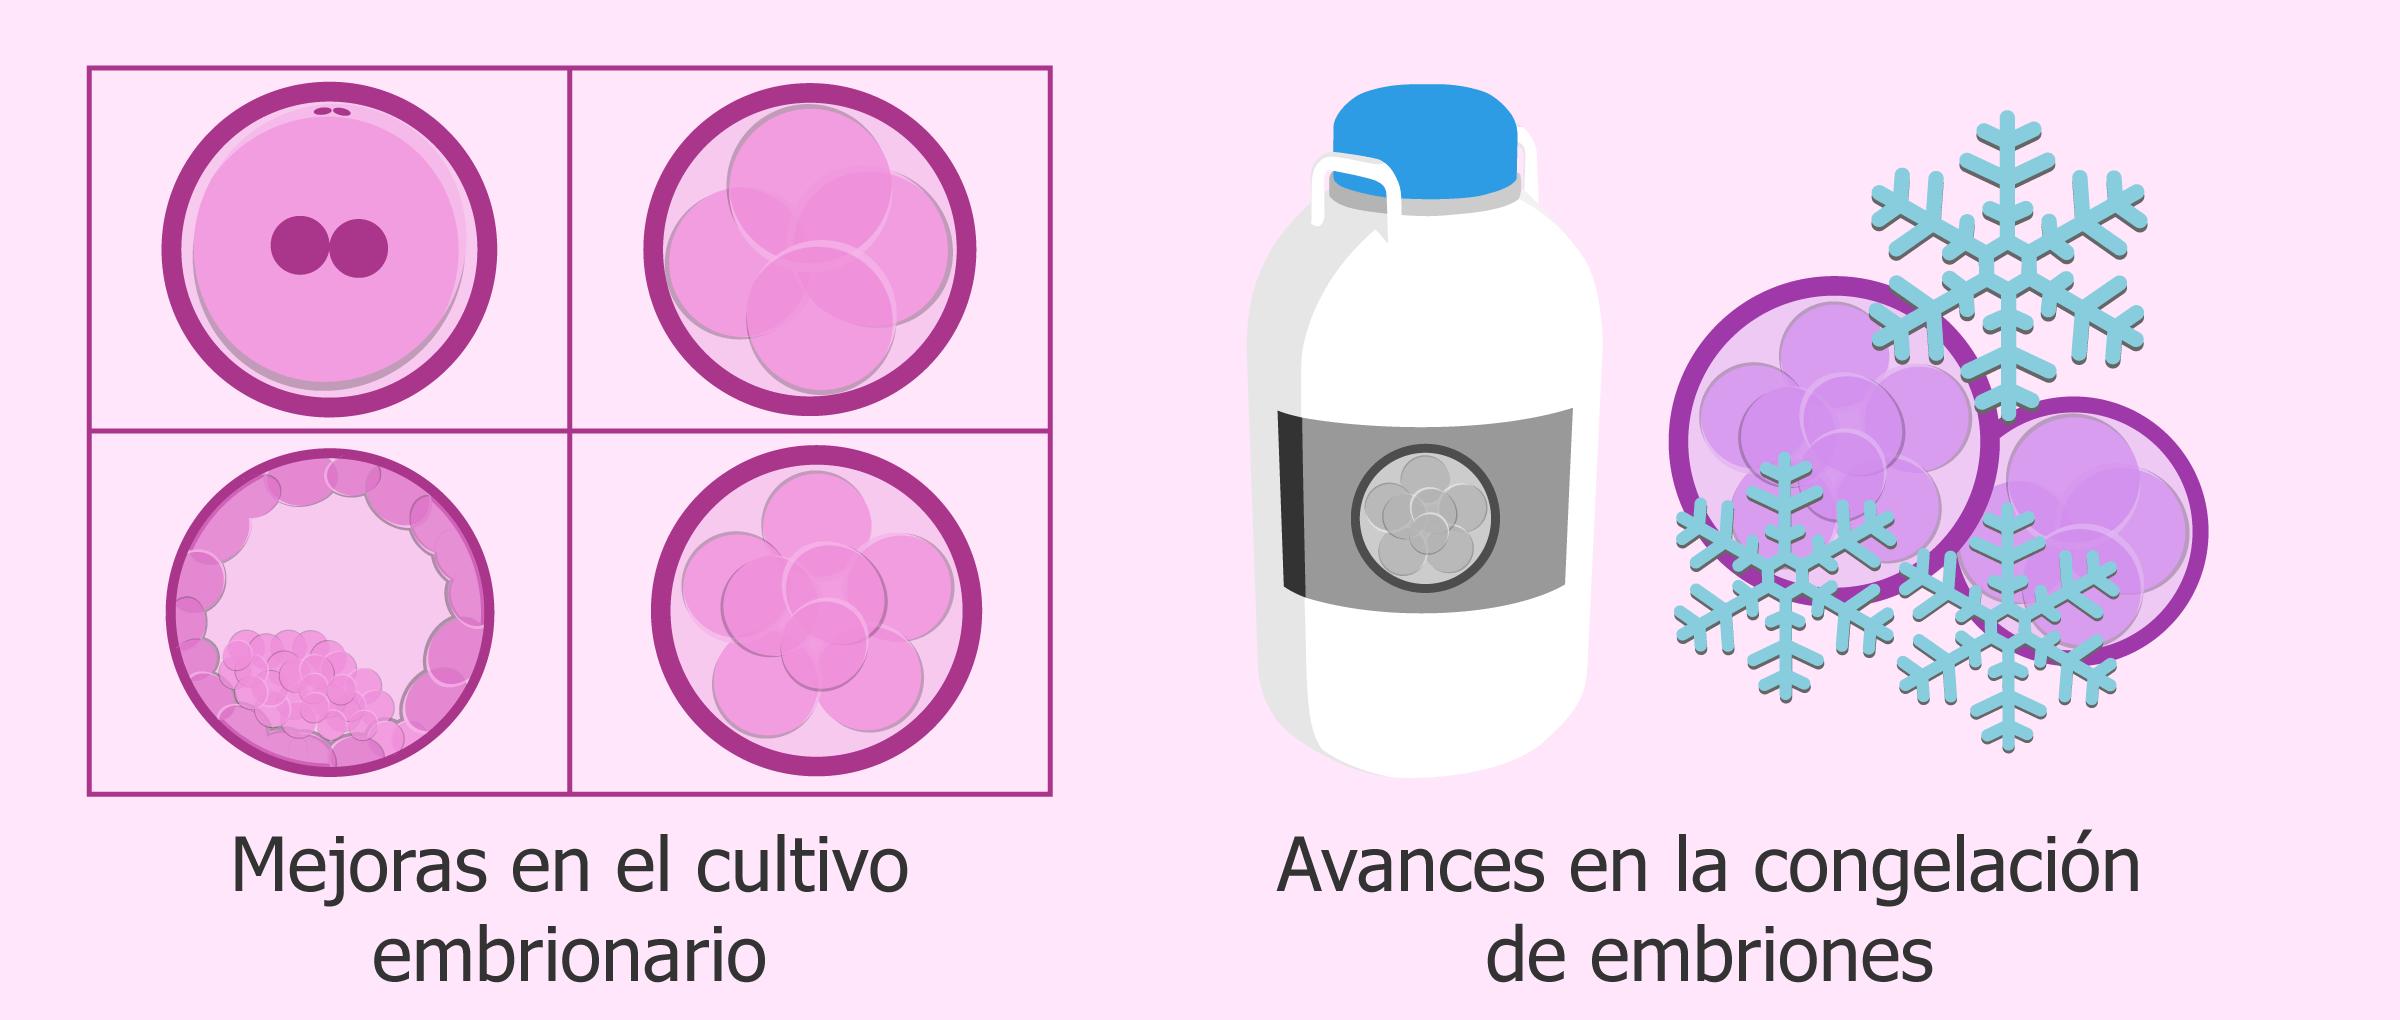 Avances en las técnicas de reproducción asistida